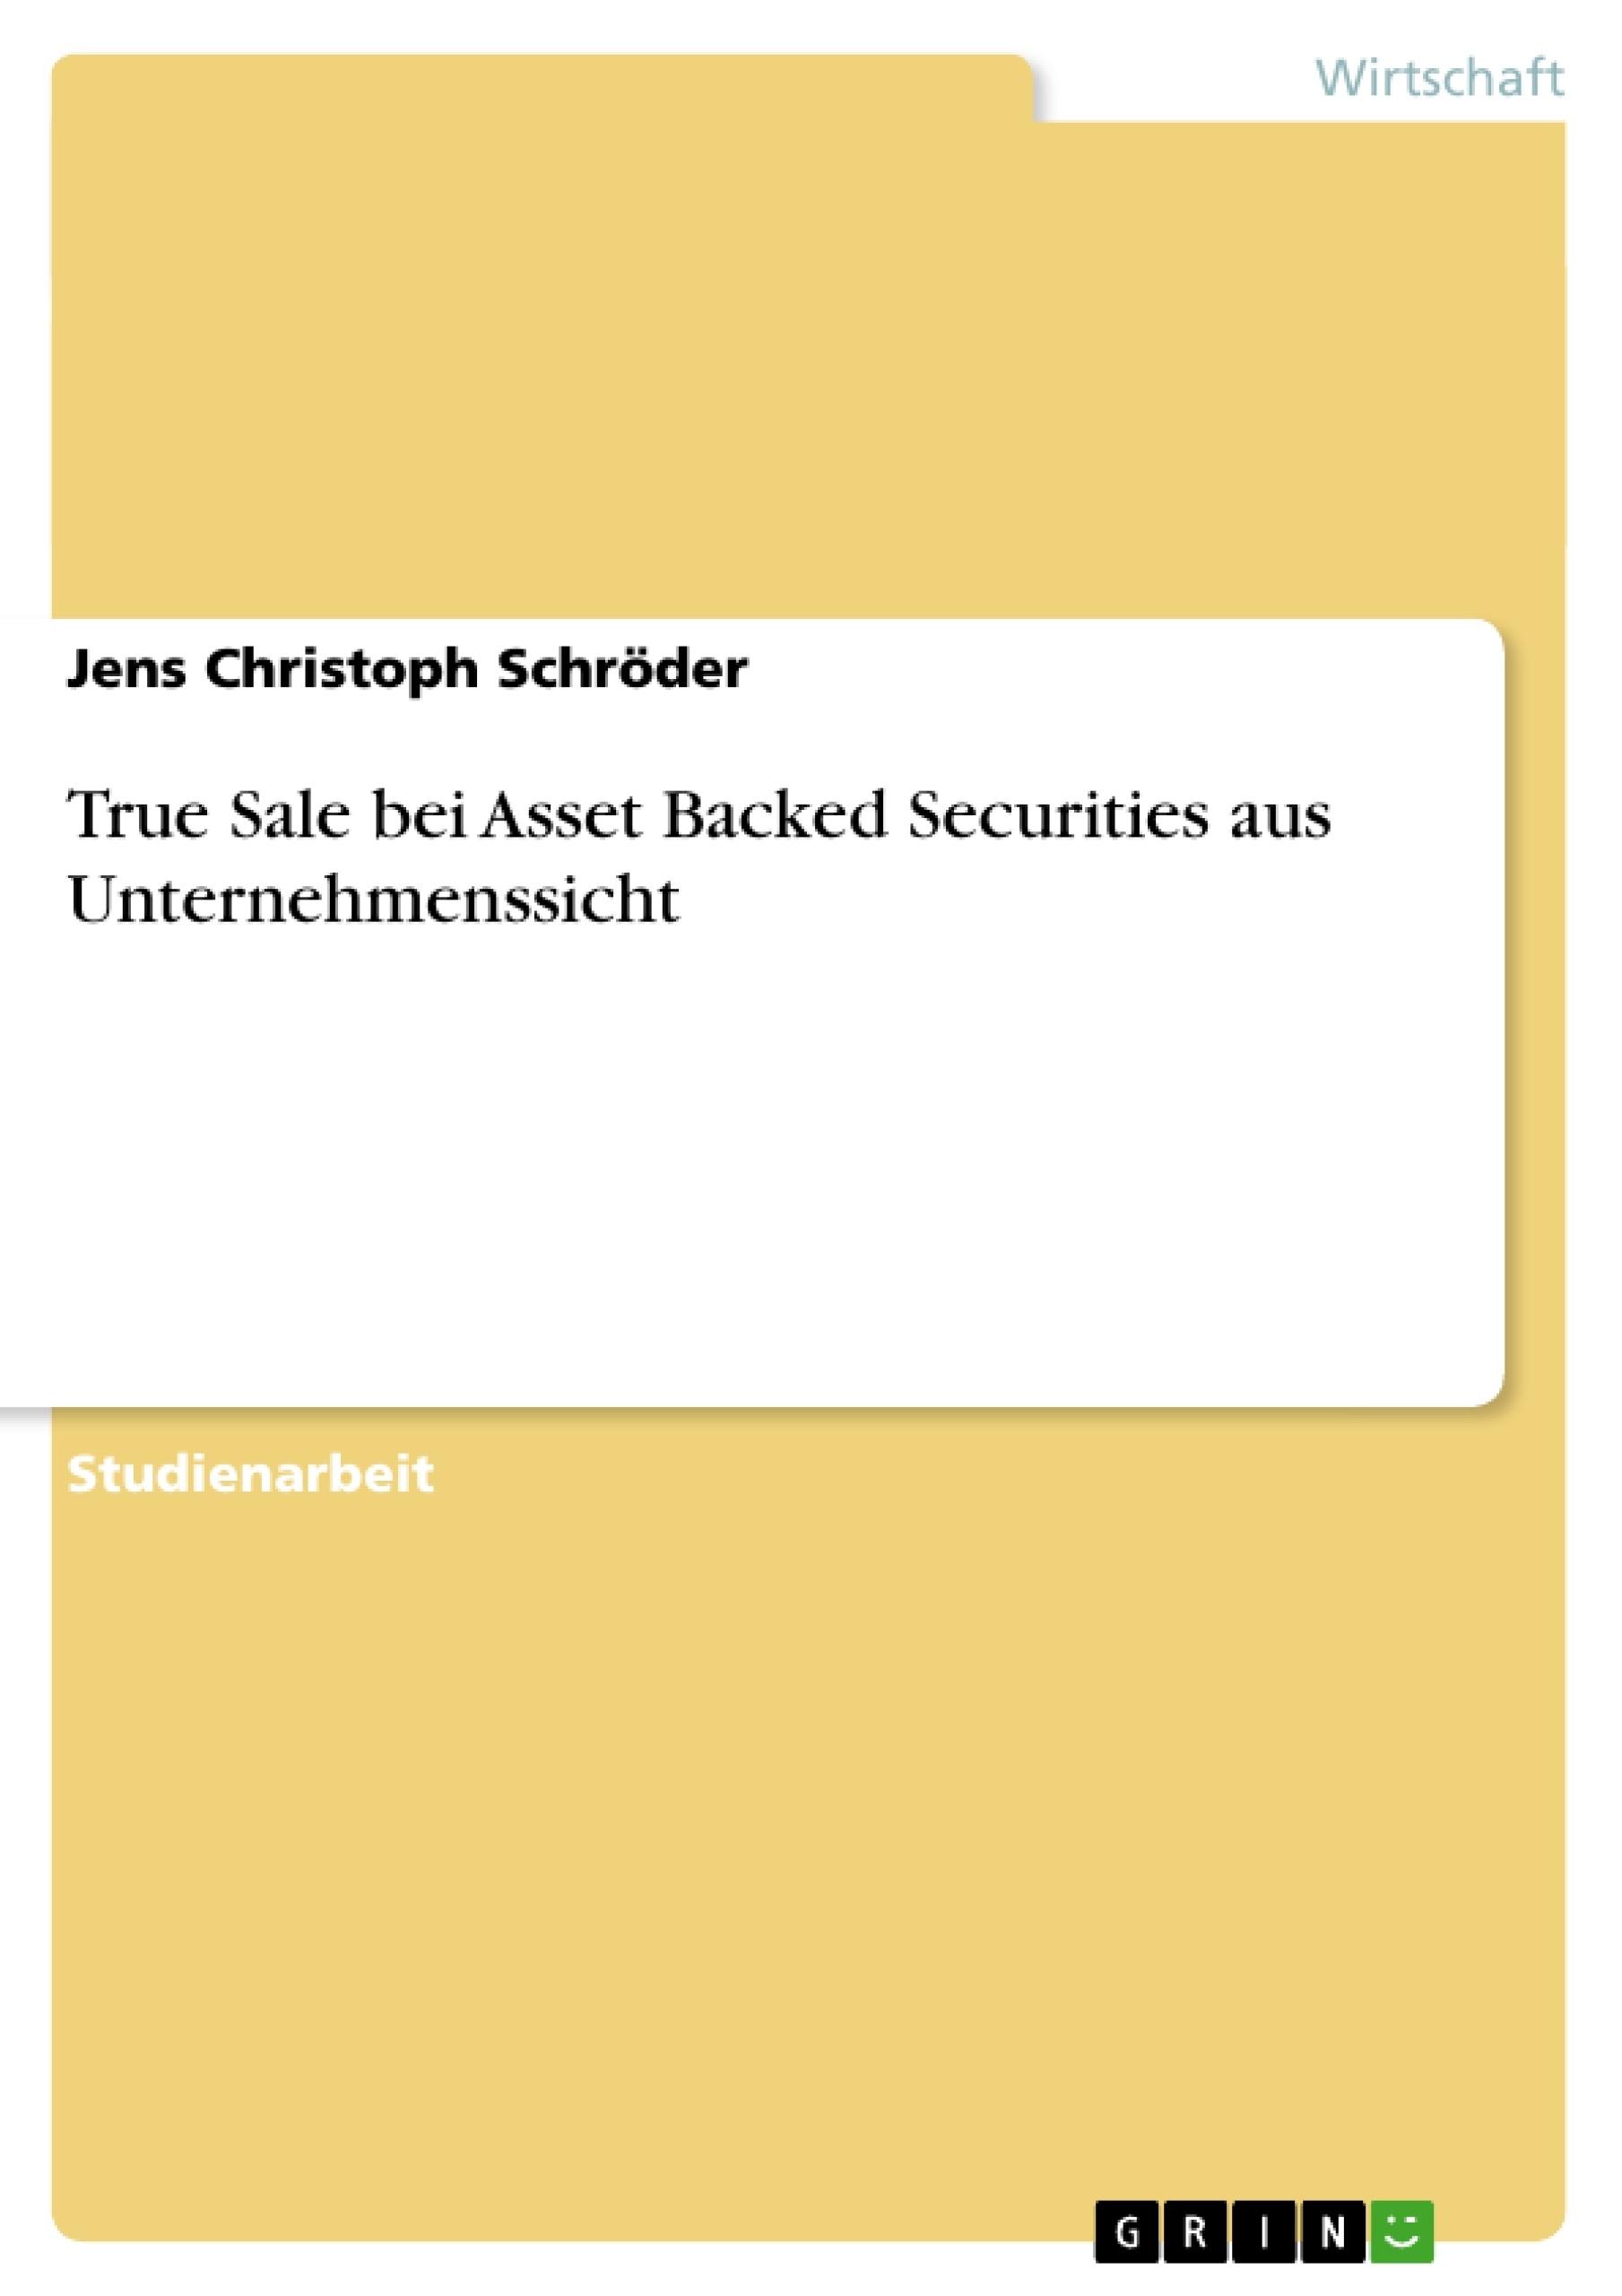 Titel: True Sale bei Asset Backed Securities aus Unternehmenssicht